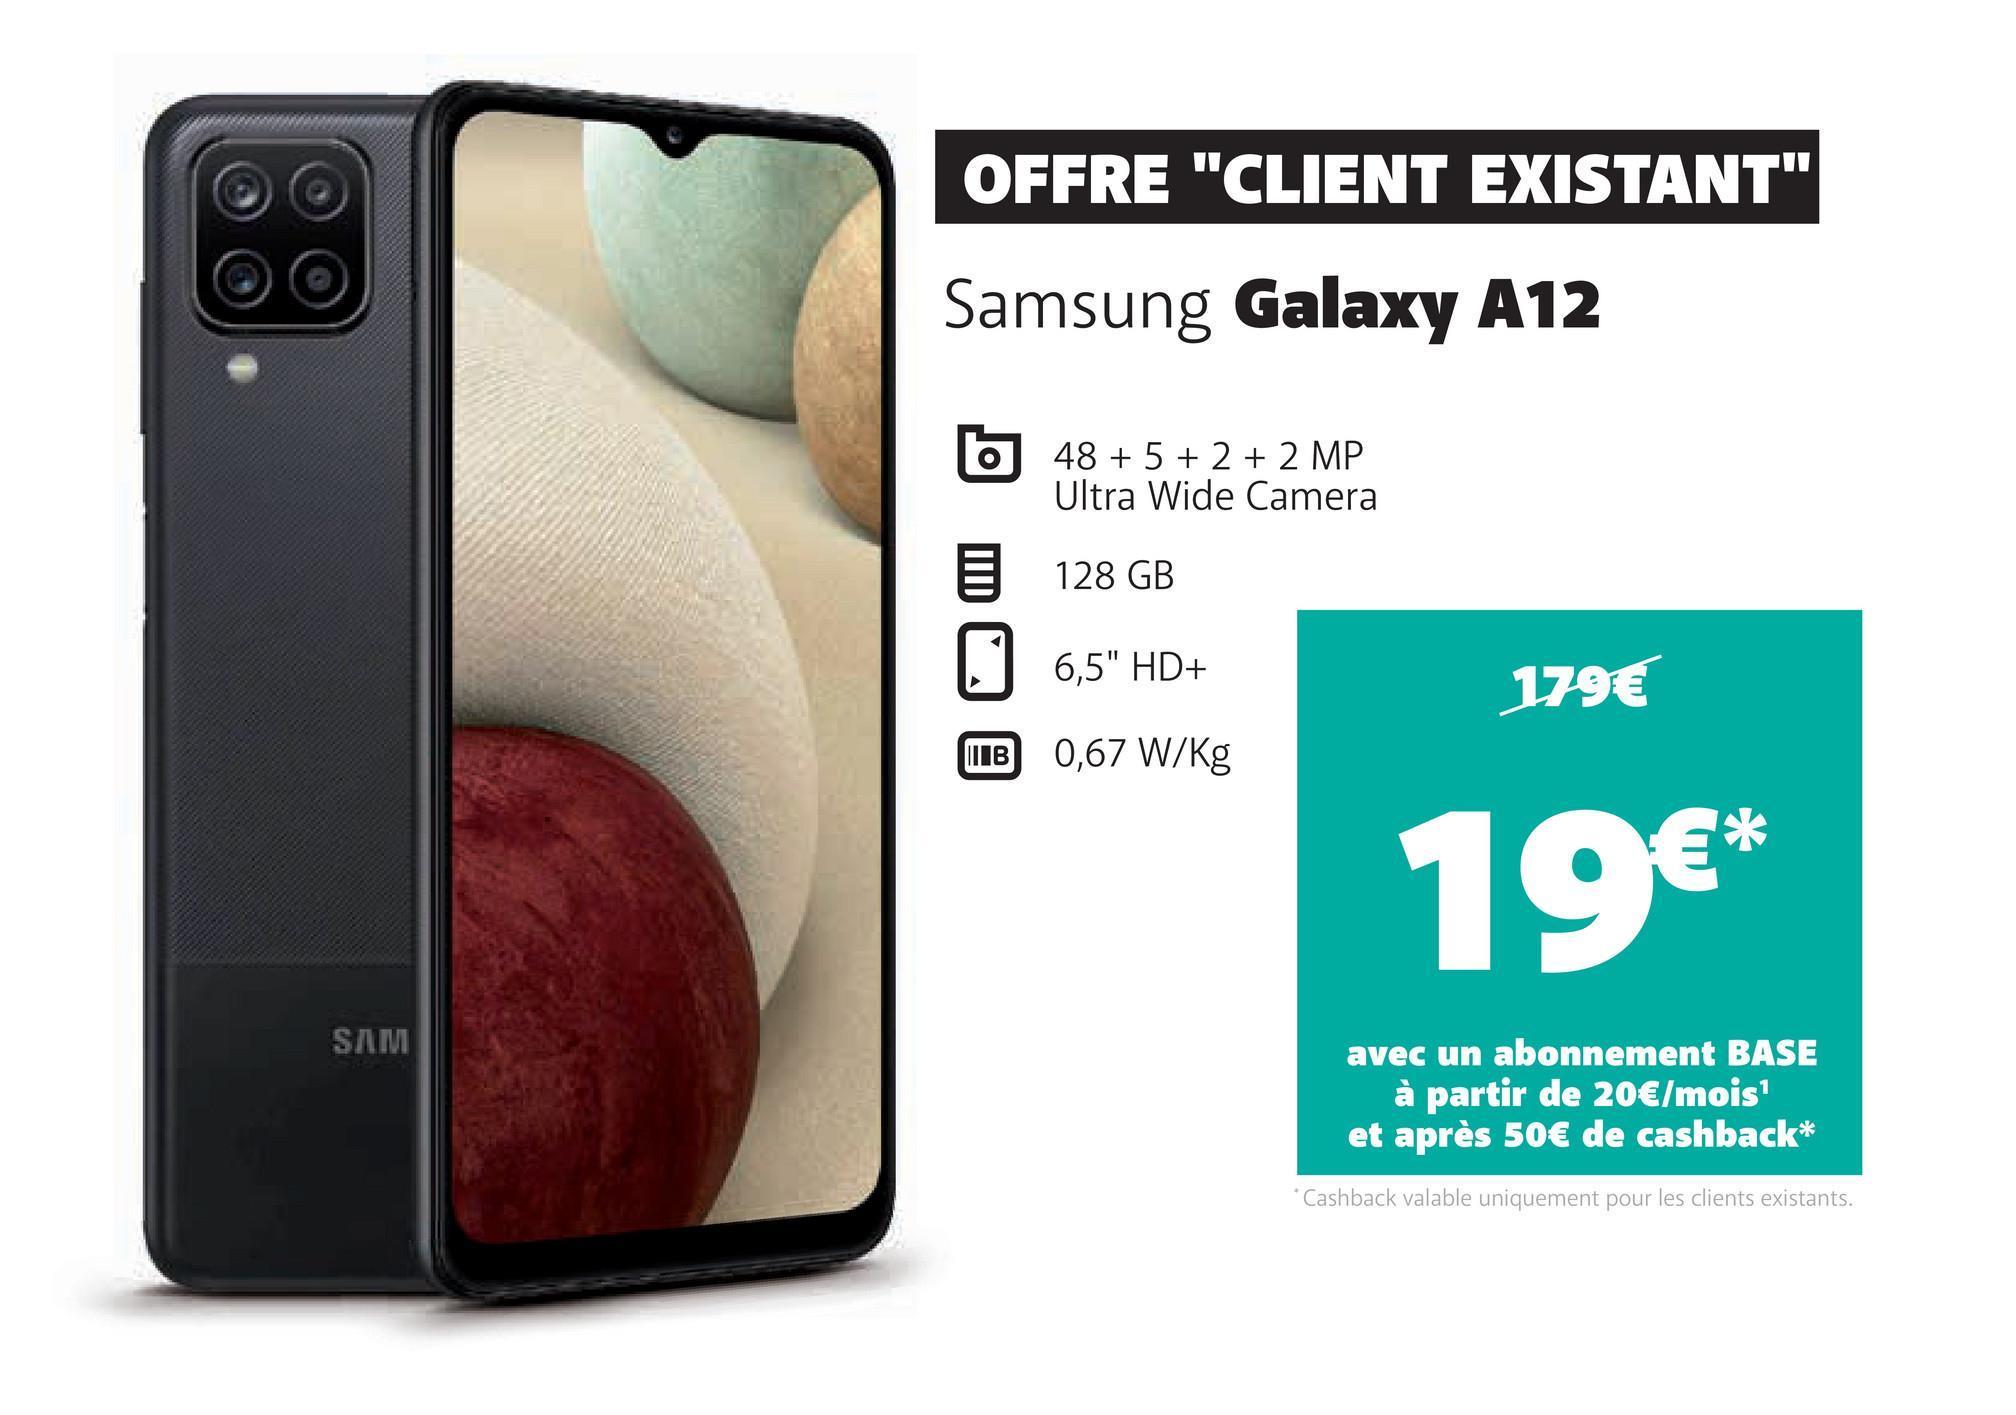 """OFFRE """"CLIENT EXISTANT"""" Samsung Galaxy A12 48 + 5 + 2 + 2 MP Ultra Wide Camera 128 GB 0 6,5"""" HD+ 179€ ПІВ 0,67 W/kg 19€* SAM avec un abonnement BASE à partir de 20€/mois et après 50€ de cashback* * Cashback valable uniquement pour les clients existants."""